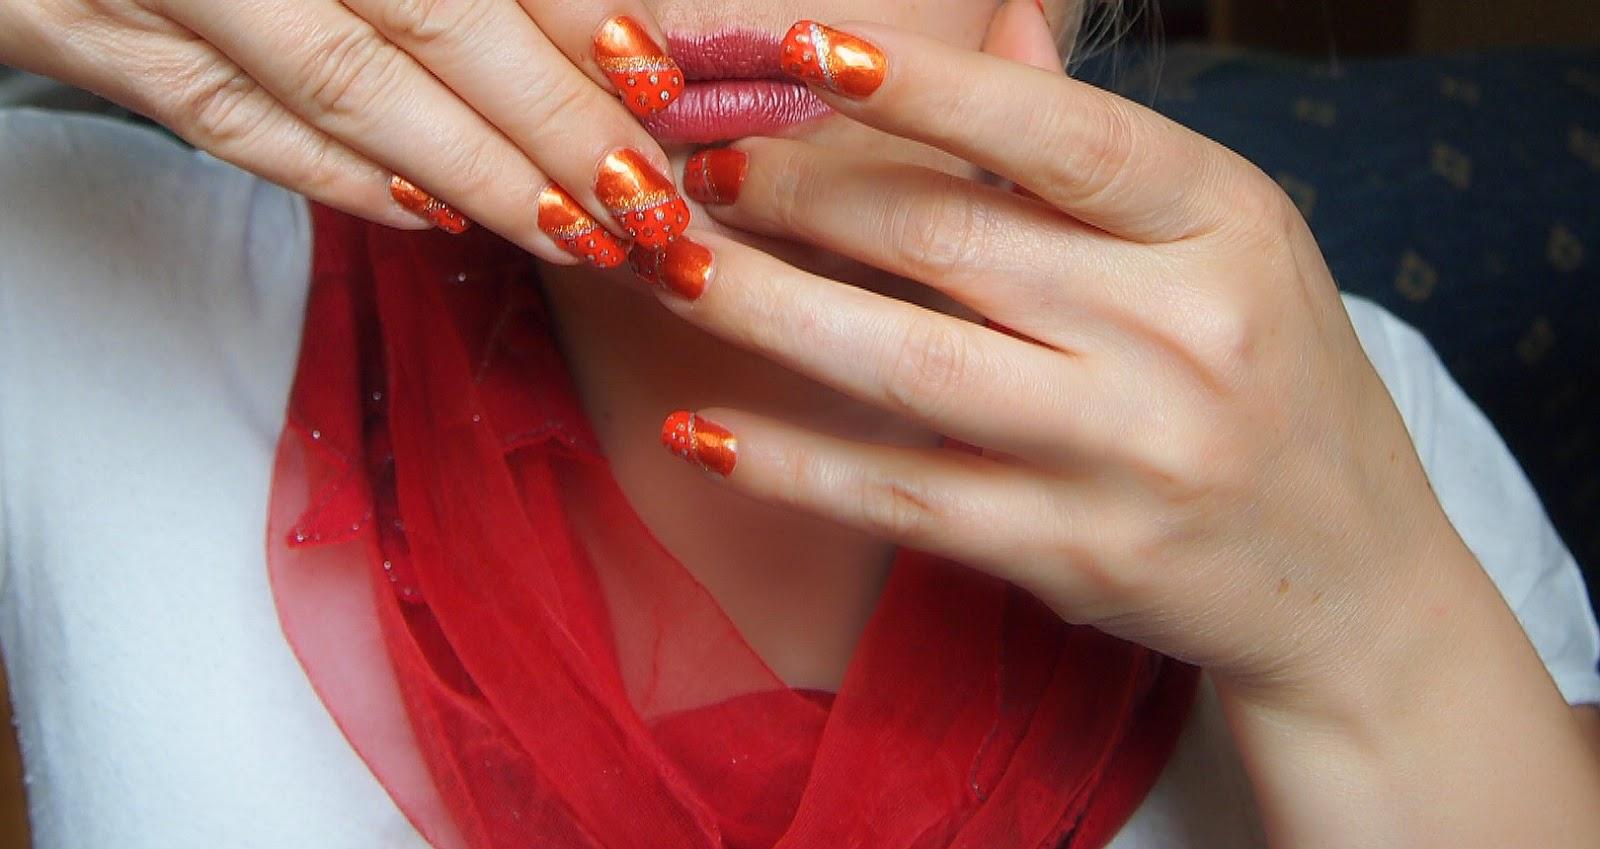 nageldesign leicht nachmachen - Fingernägel Design zum Selbermachen 29 Anleitungen